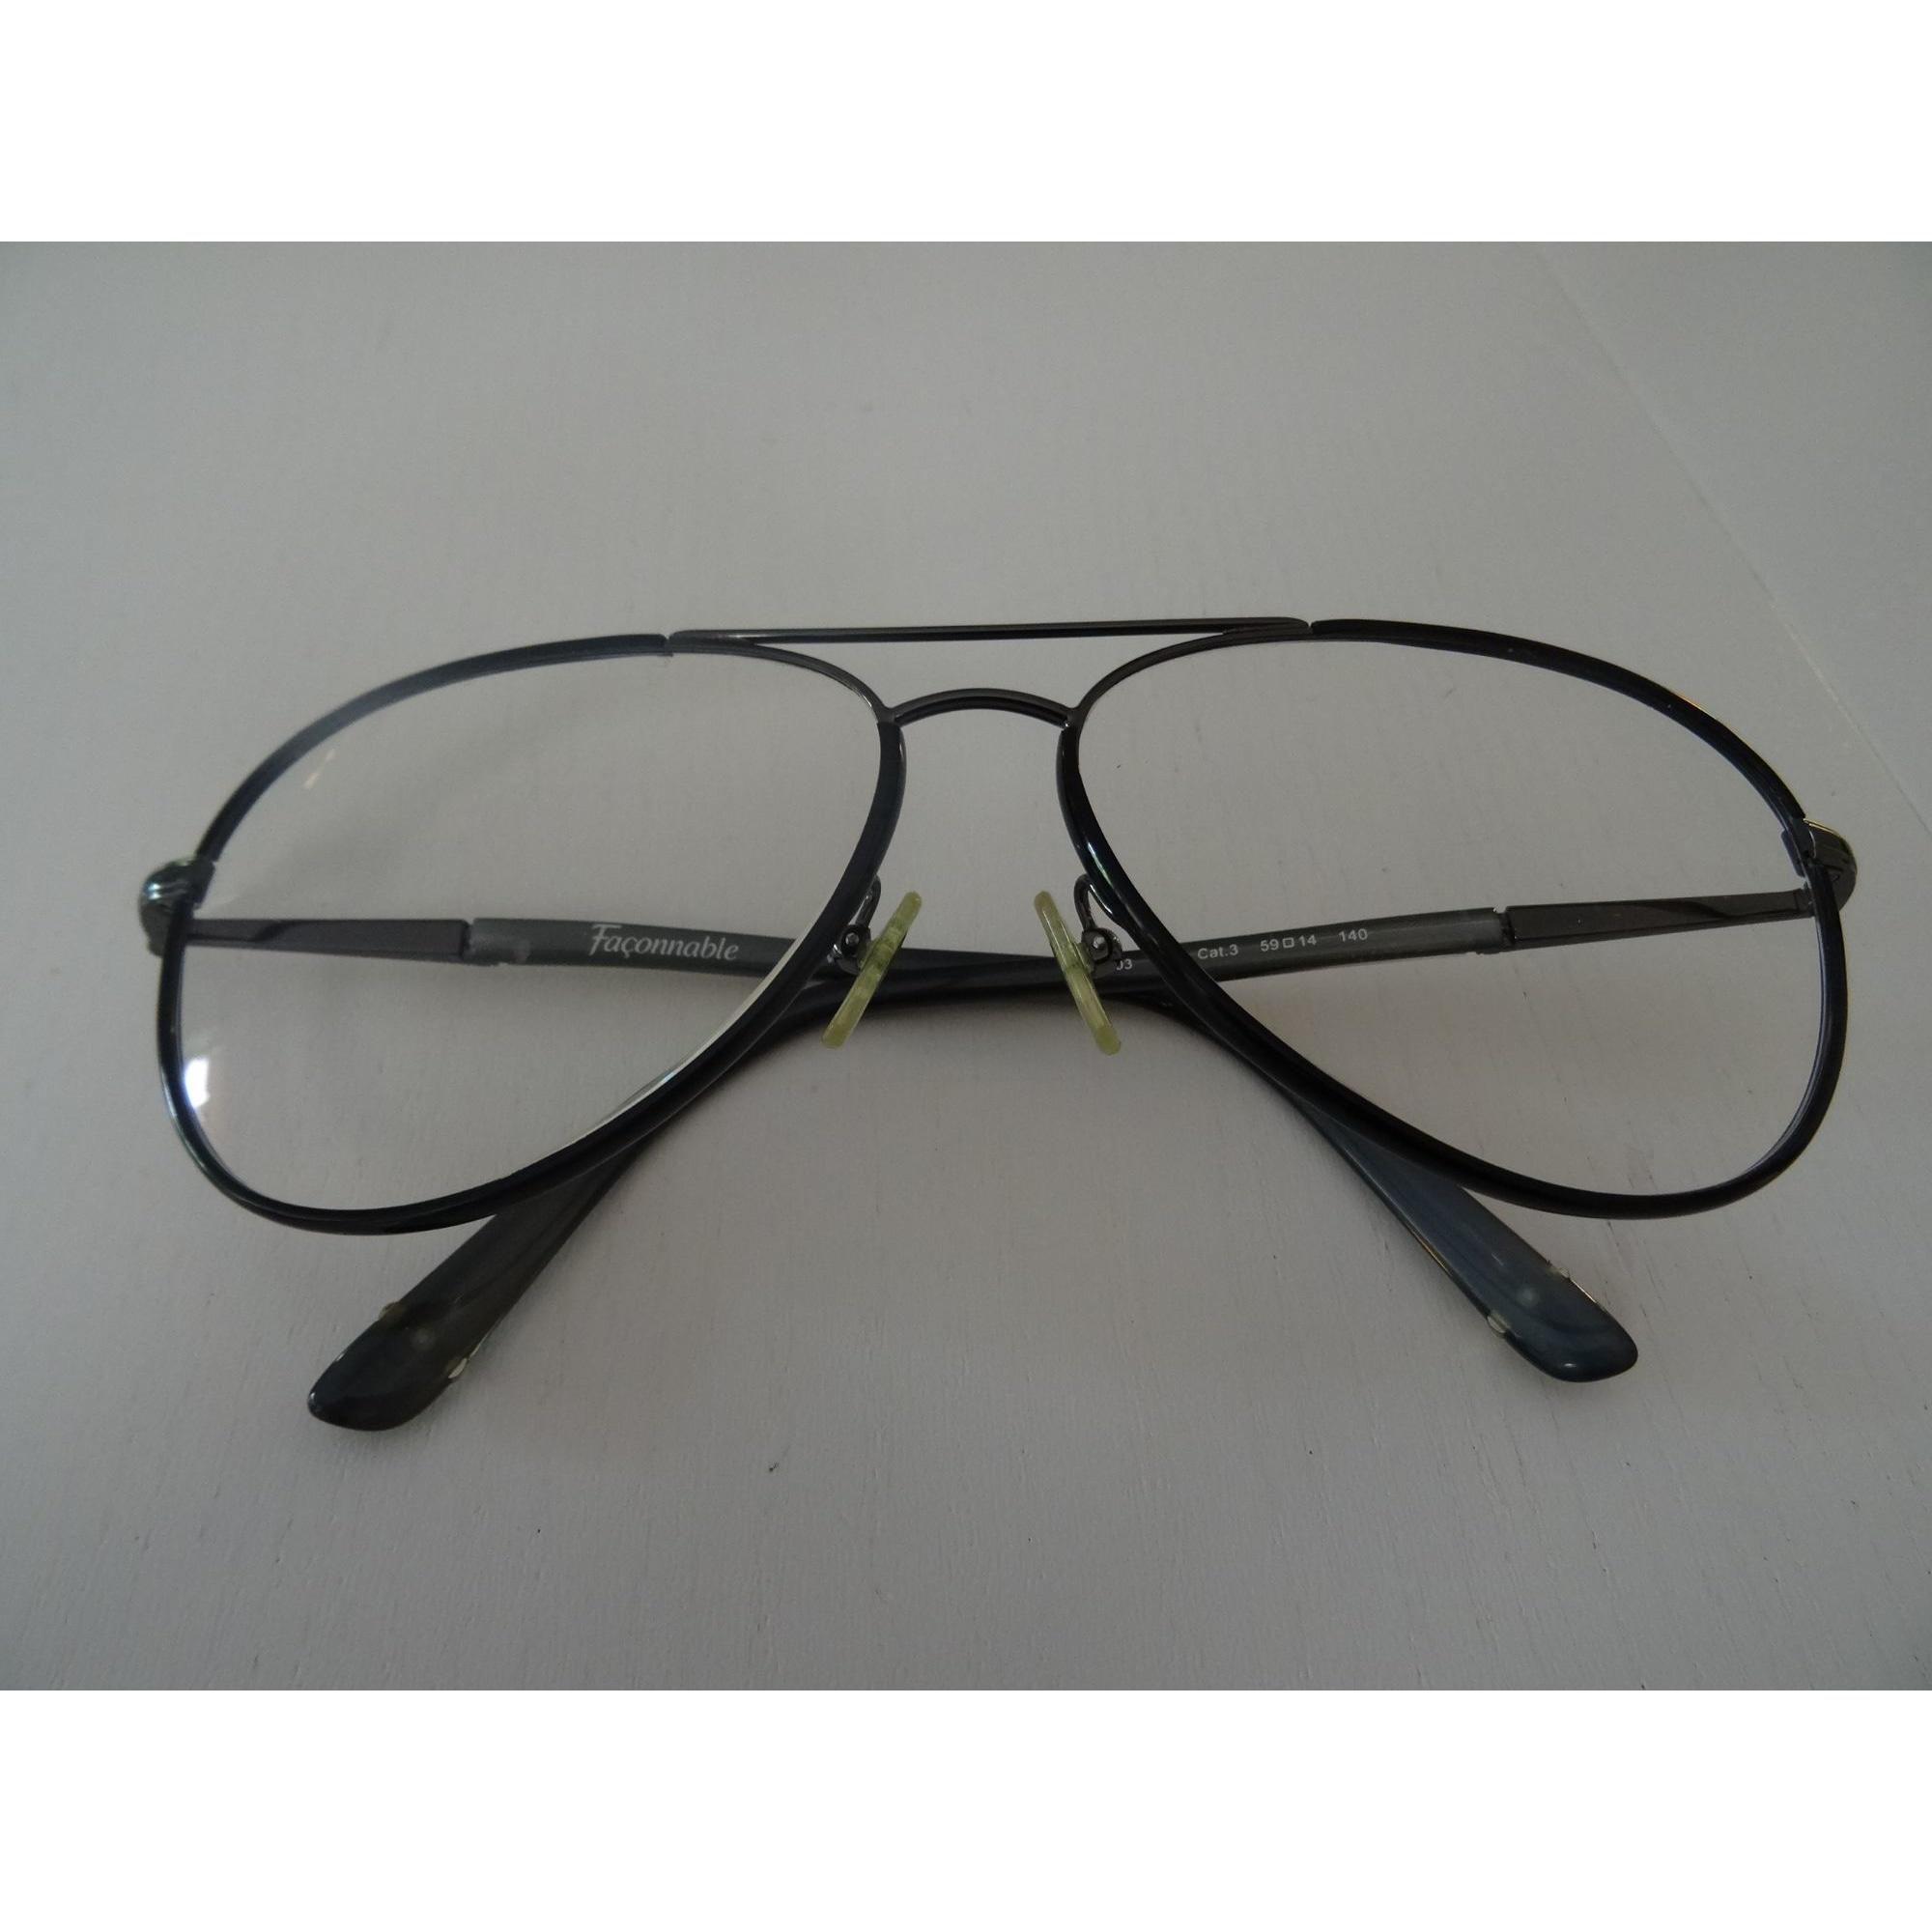 Monture de lunettes FAÇONNABLE argenté - 7959055 61a3878dc069